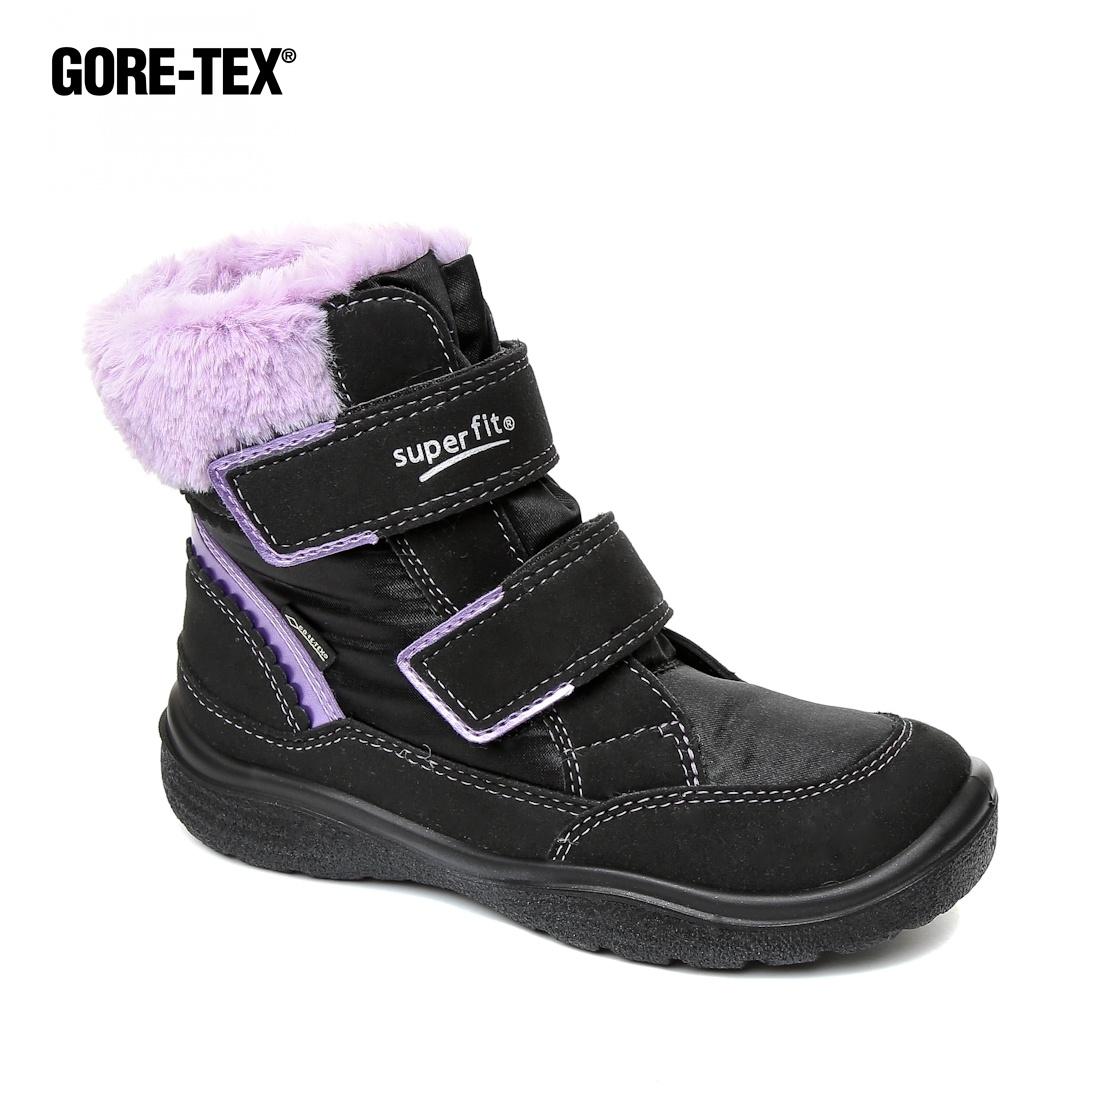 Kız Çocuk Superfit Ayakkabı